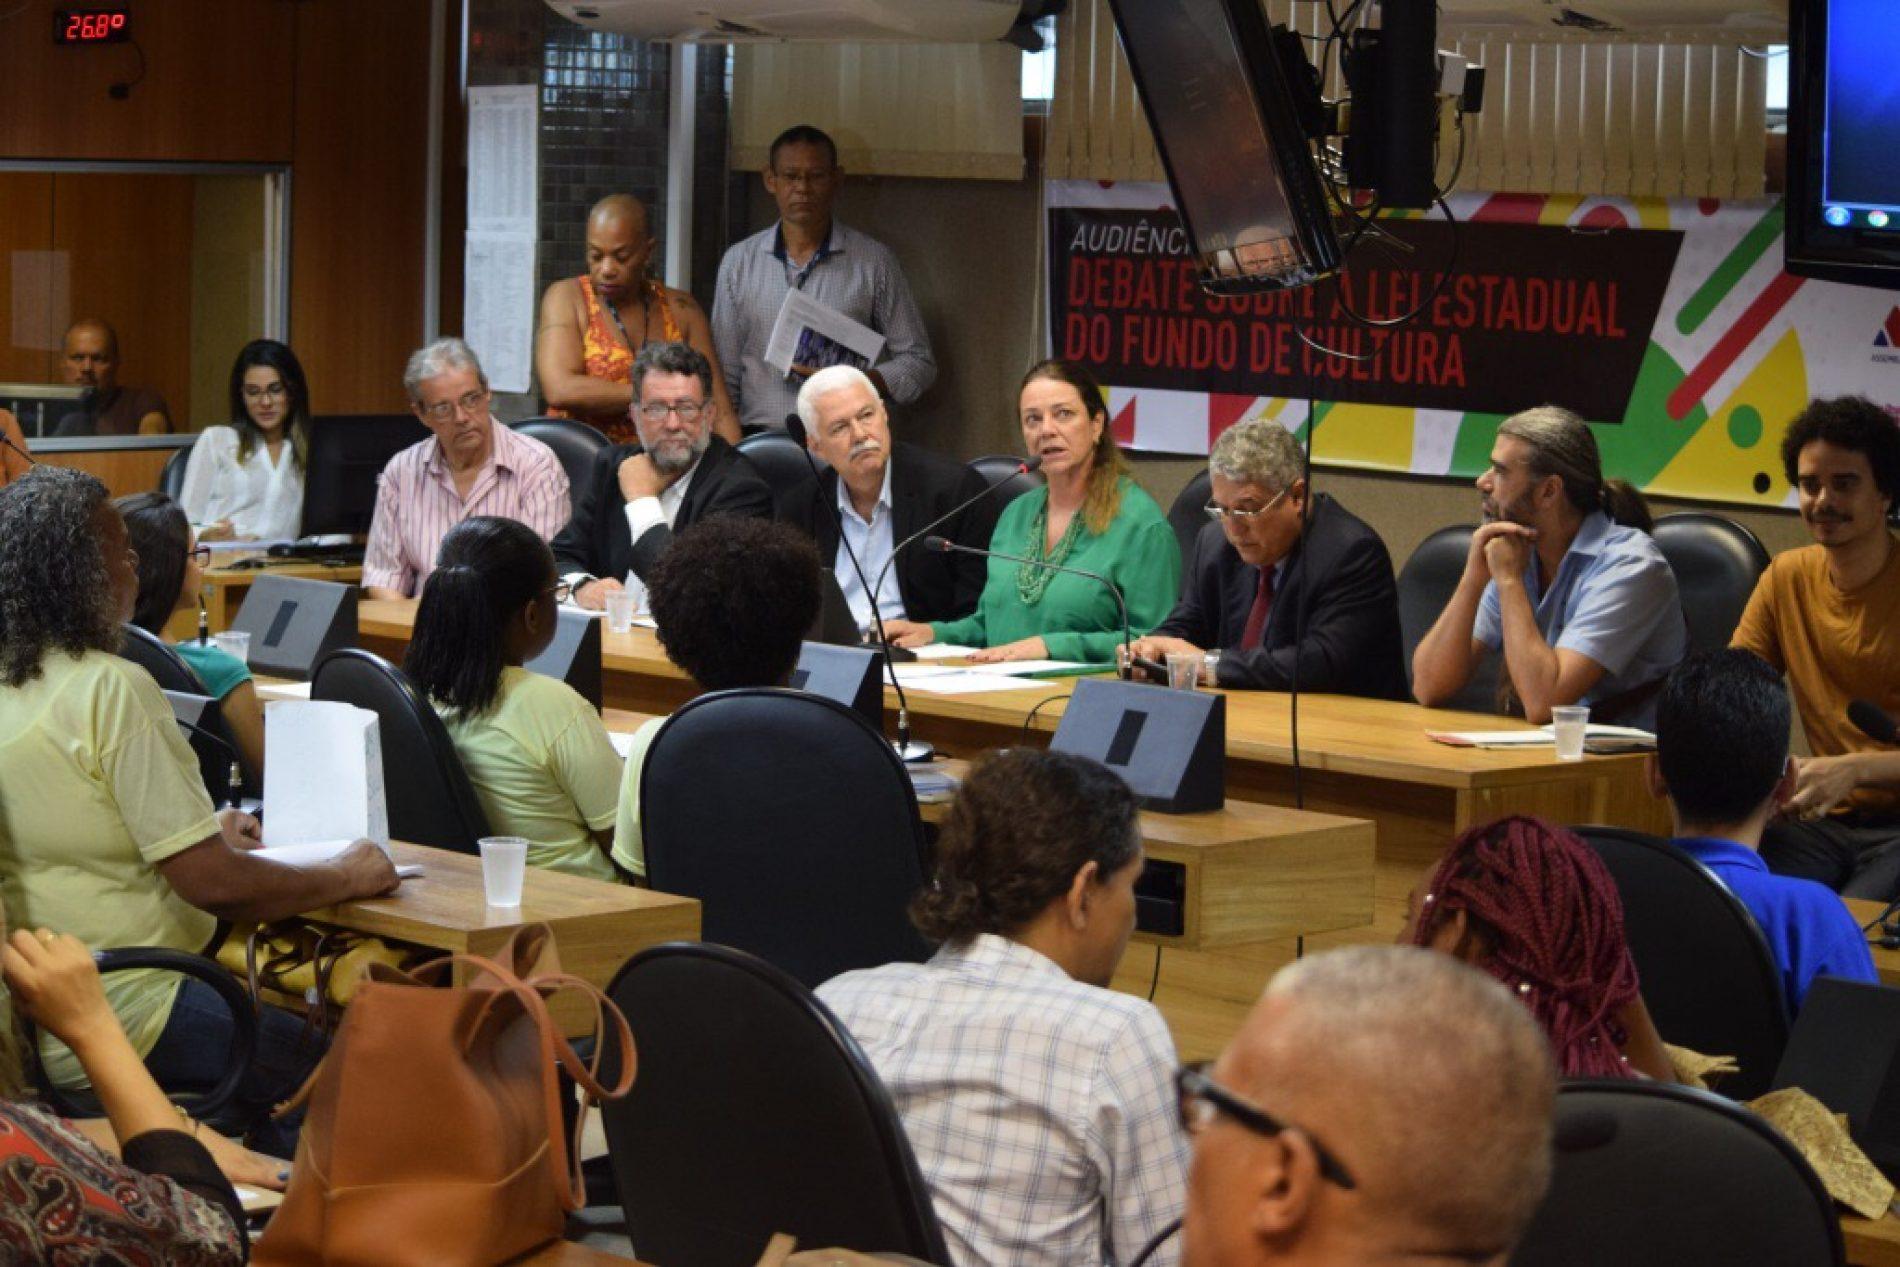 ALBA: Audiência discute a Lei Estadual do Fundo de Cultura